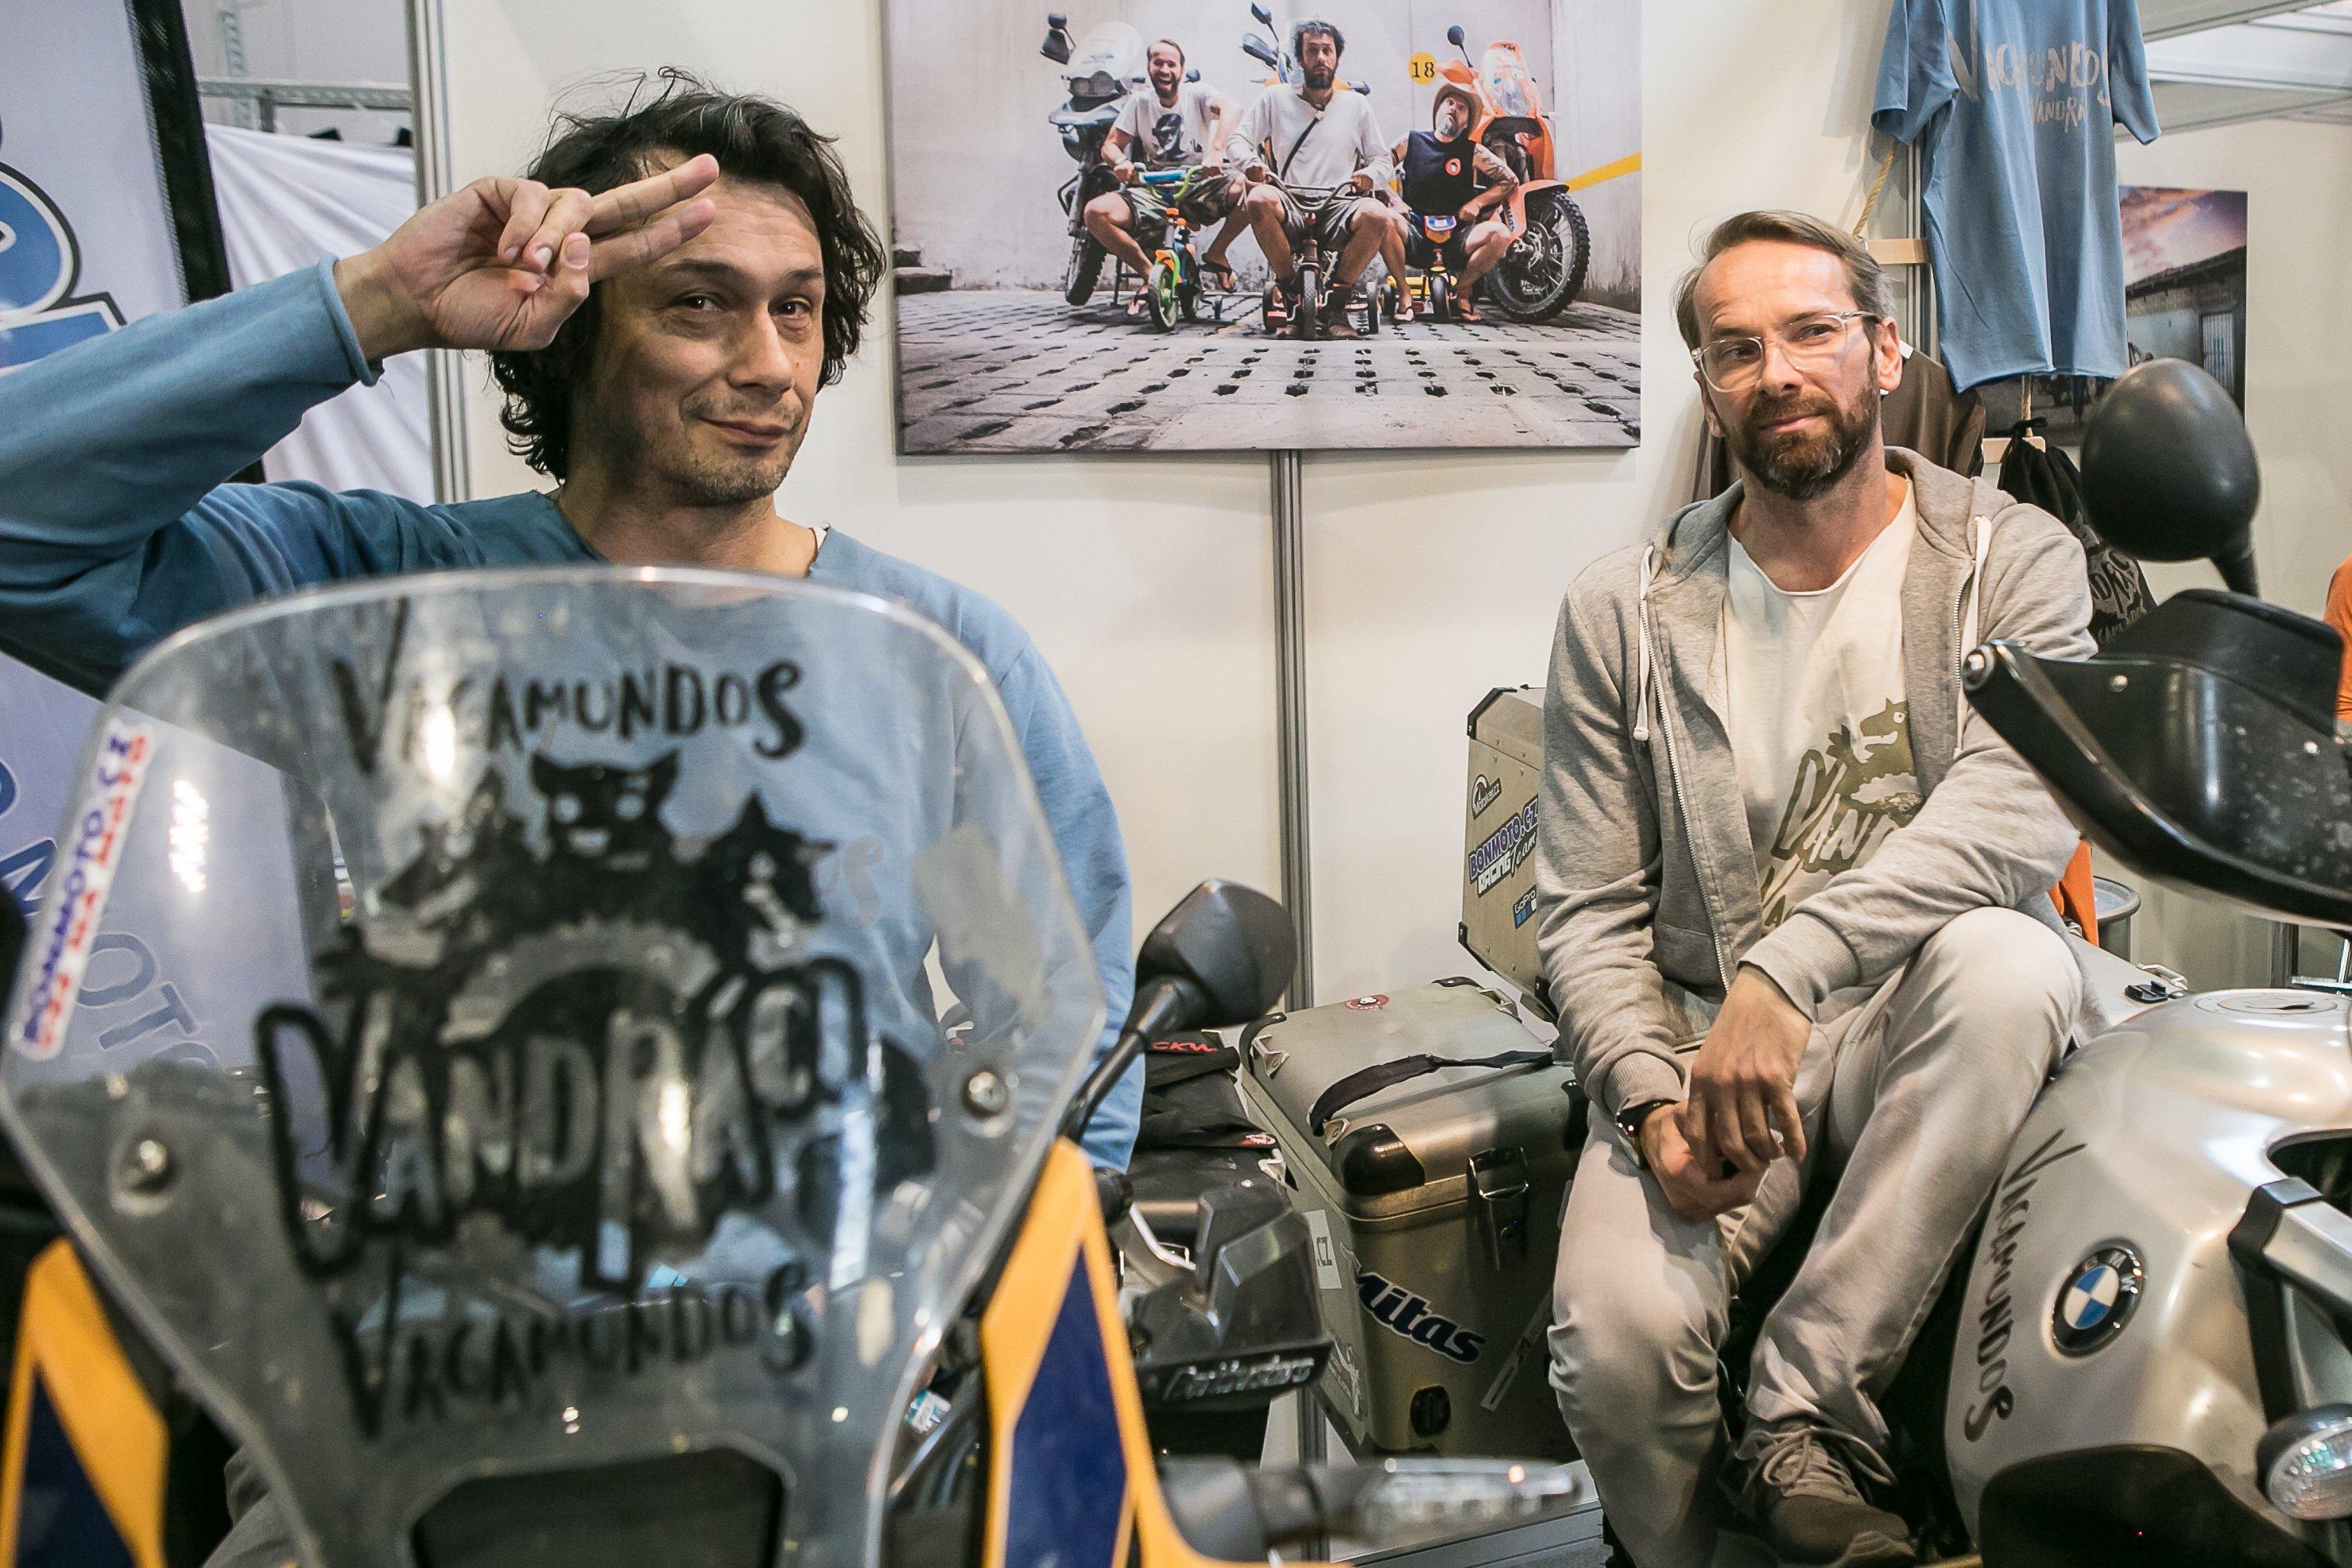 Vandráci Pavel Liška a Jan Révai se vrátili z tříměsíční motorkářské expedice